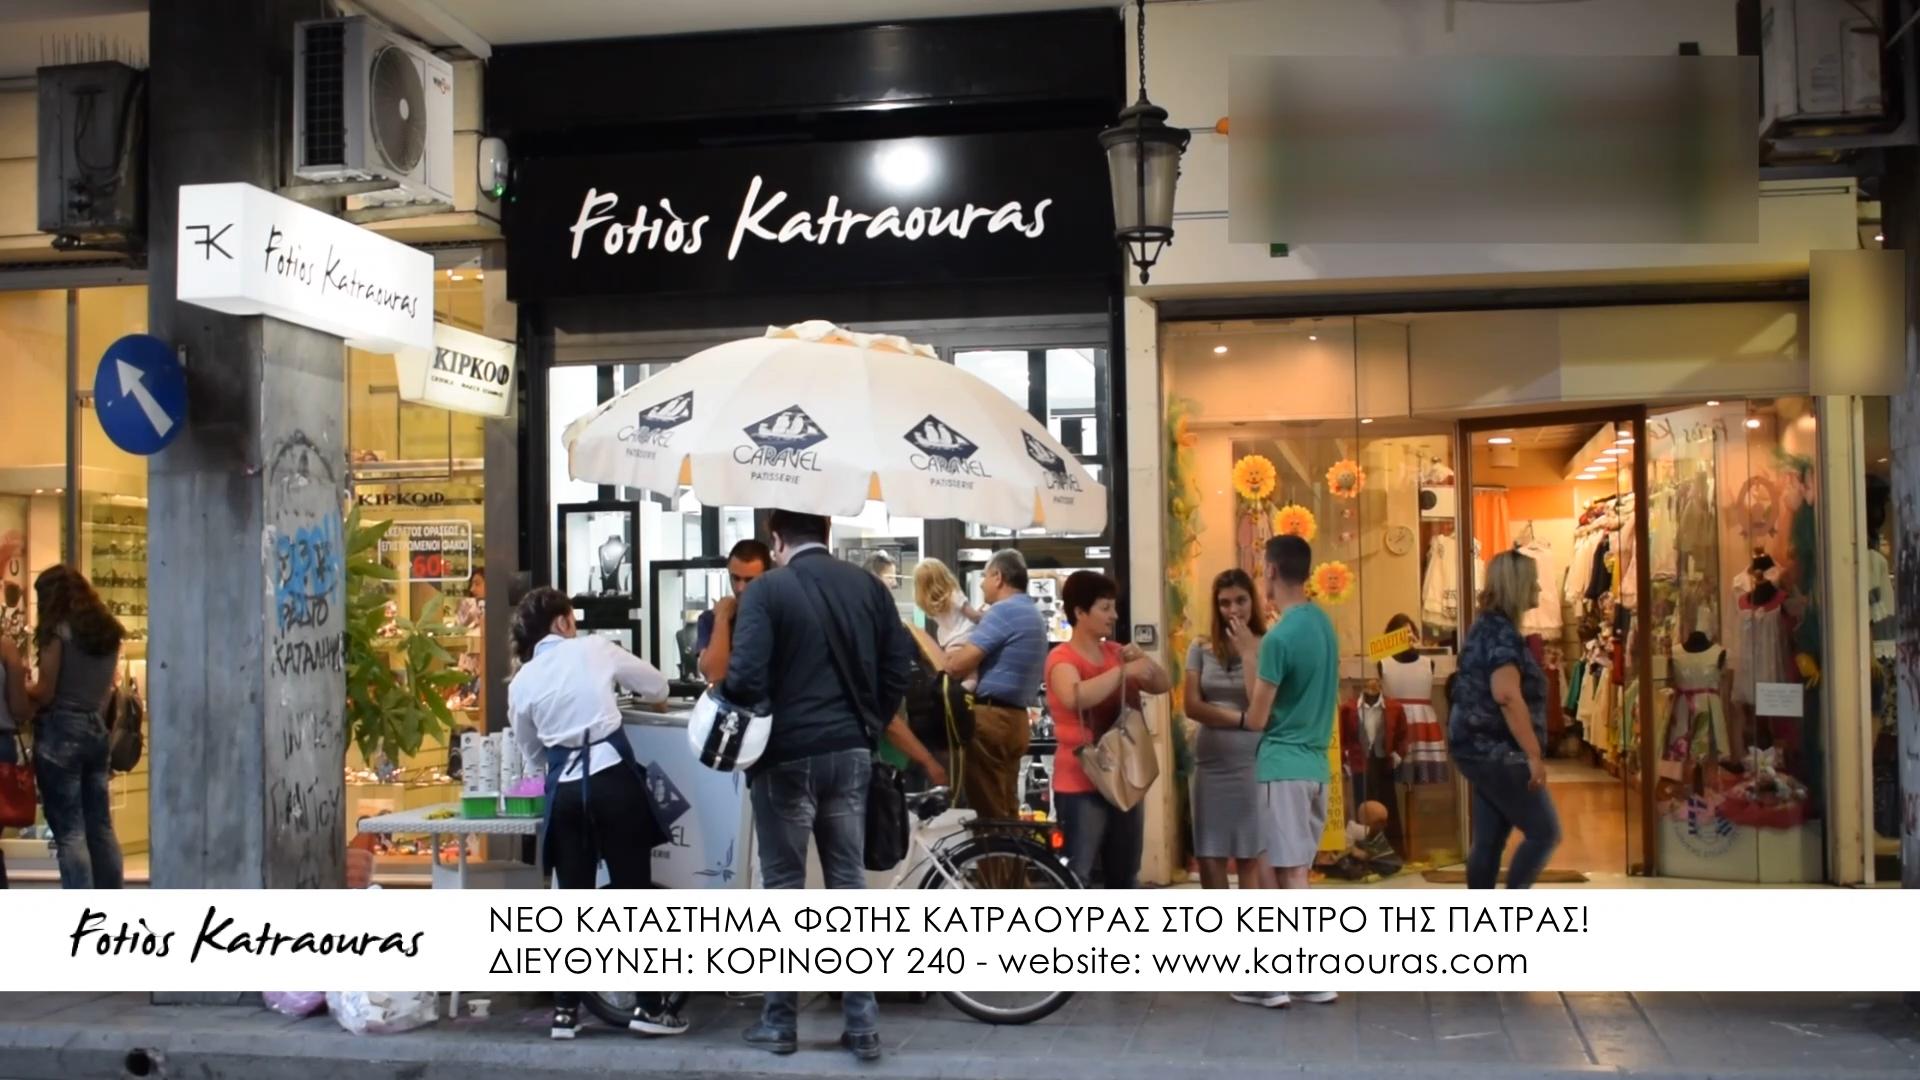 Νέο κατάστημα Φώτης Κατραούρας στην Πάτρα!